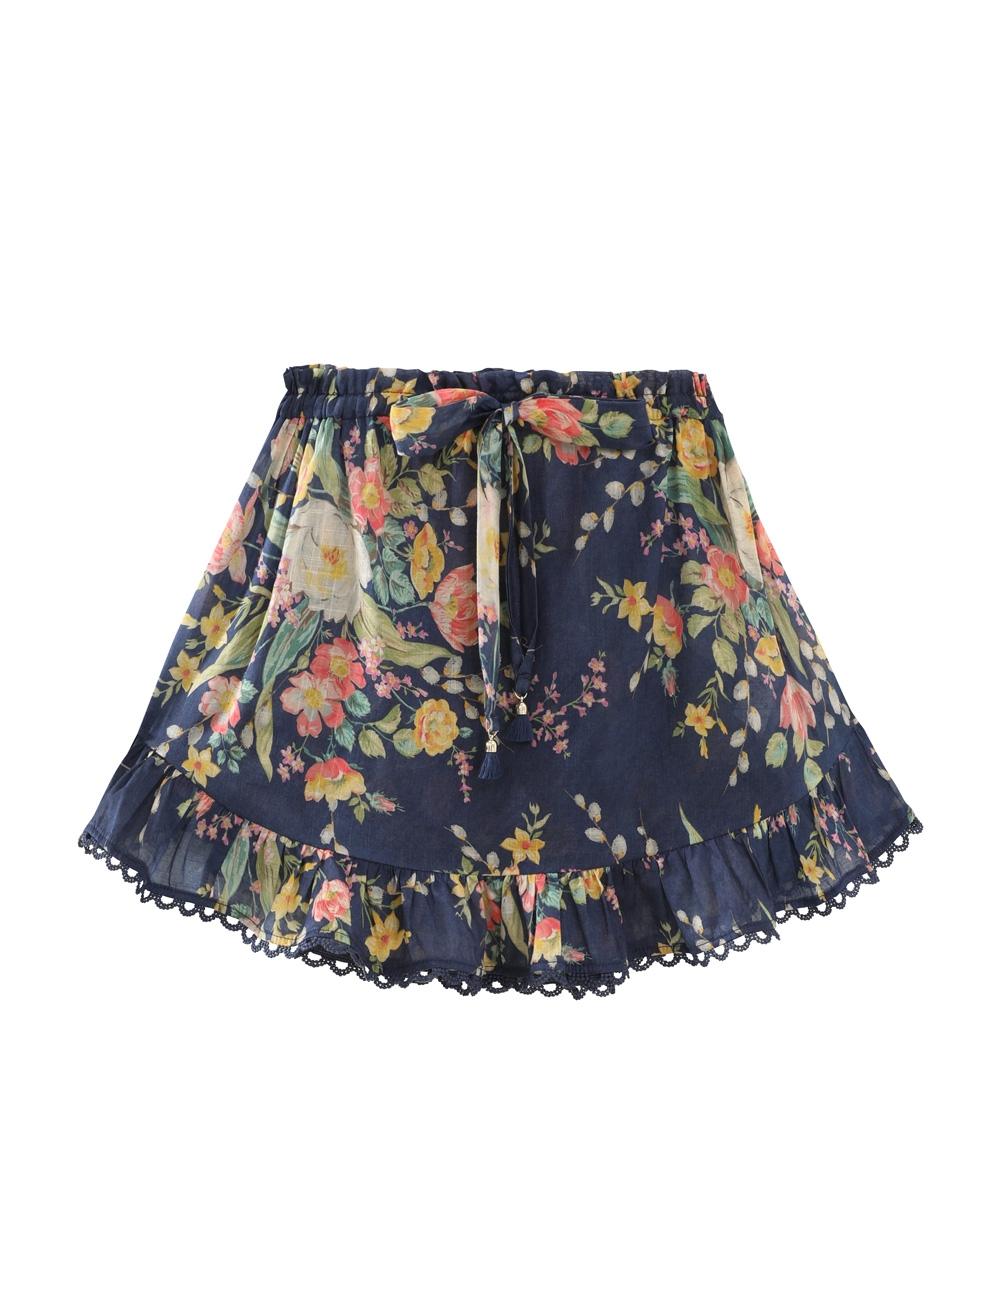 Zinnia Ruffle Skirt